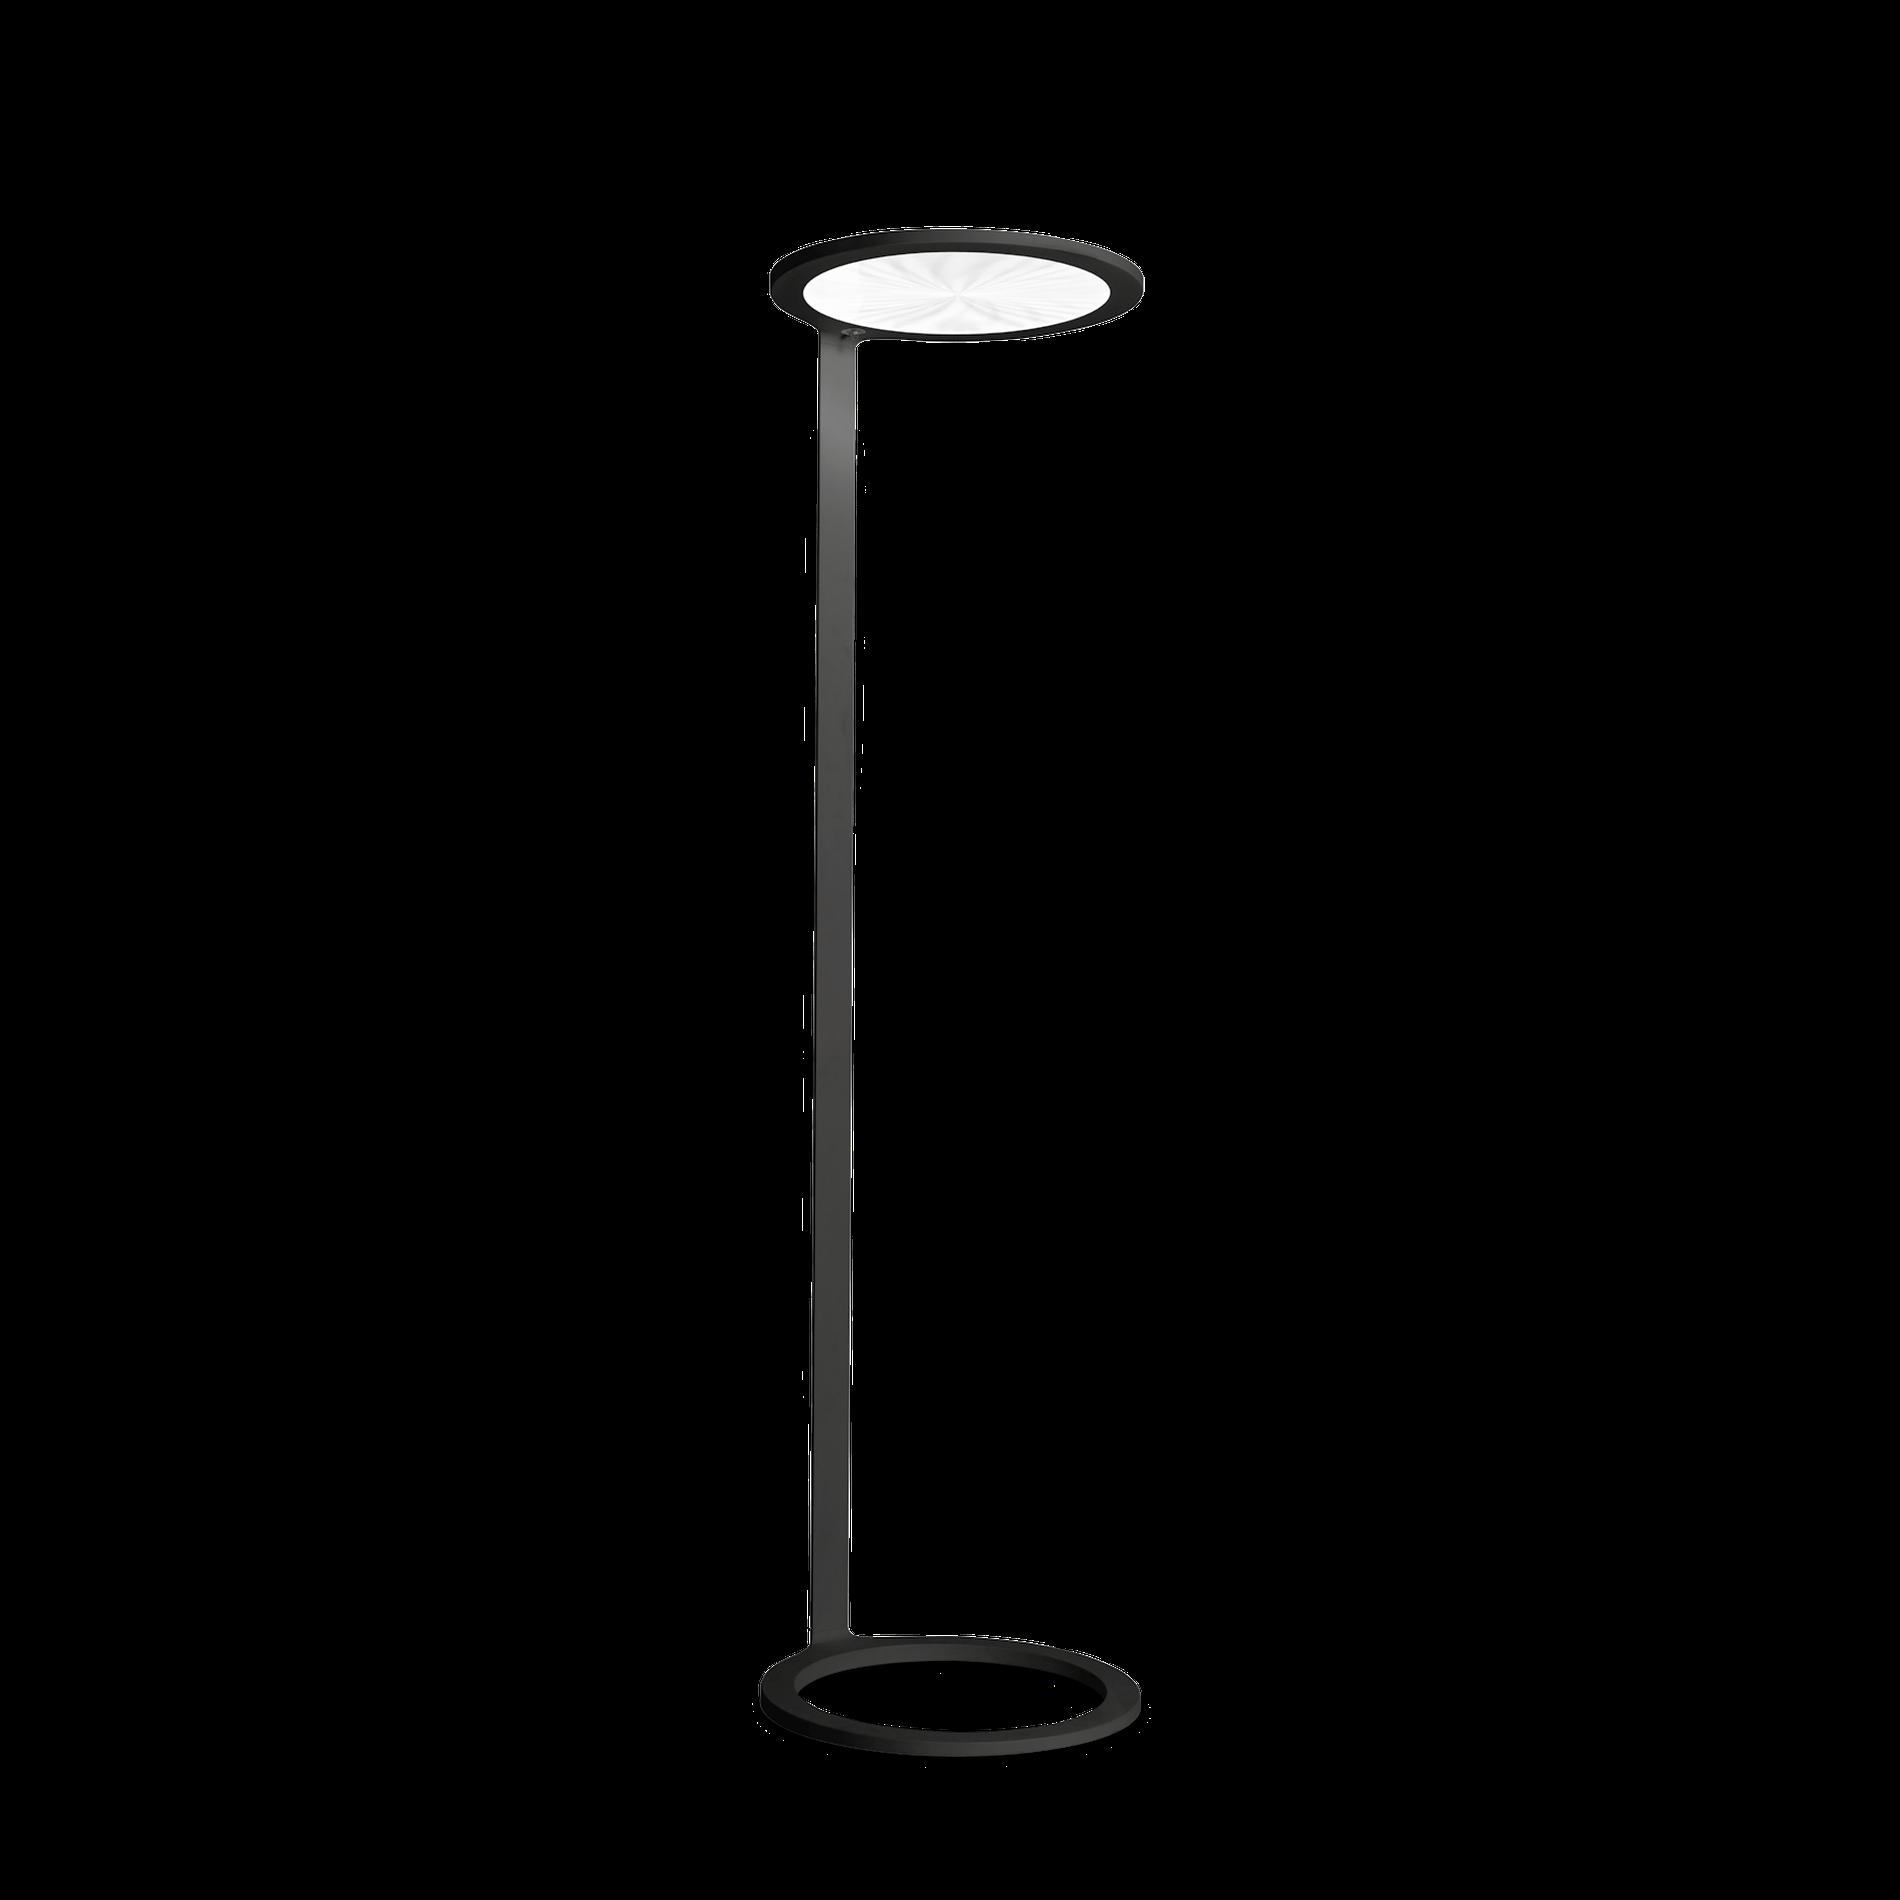 HELIOS FLOOR LED 64W 7160lm 4000K päevavalgus- ja liikumis sensoriga; alumiinium, must